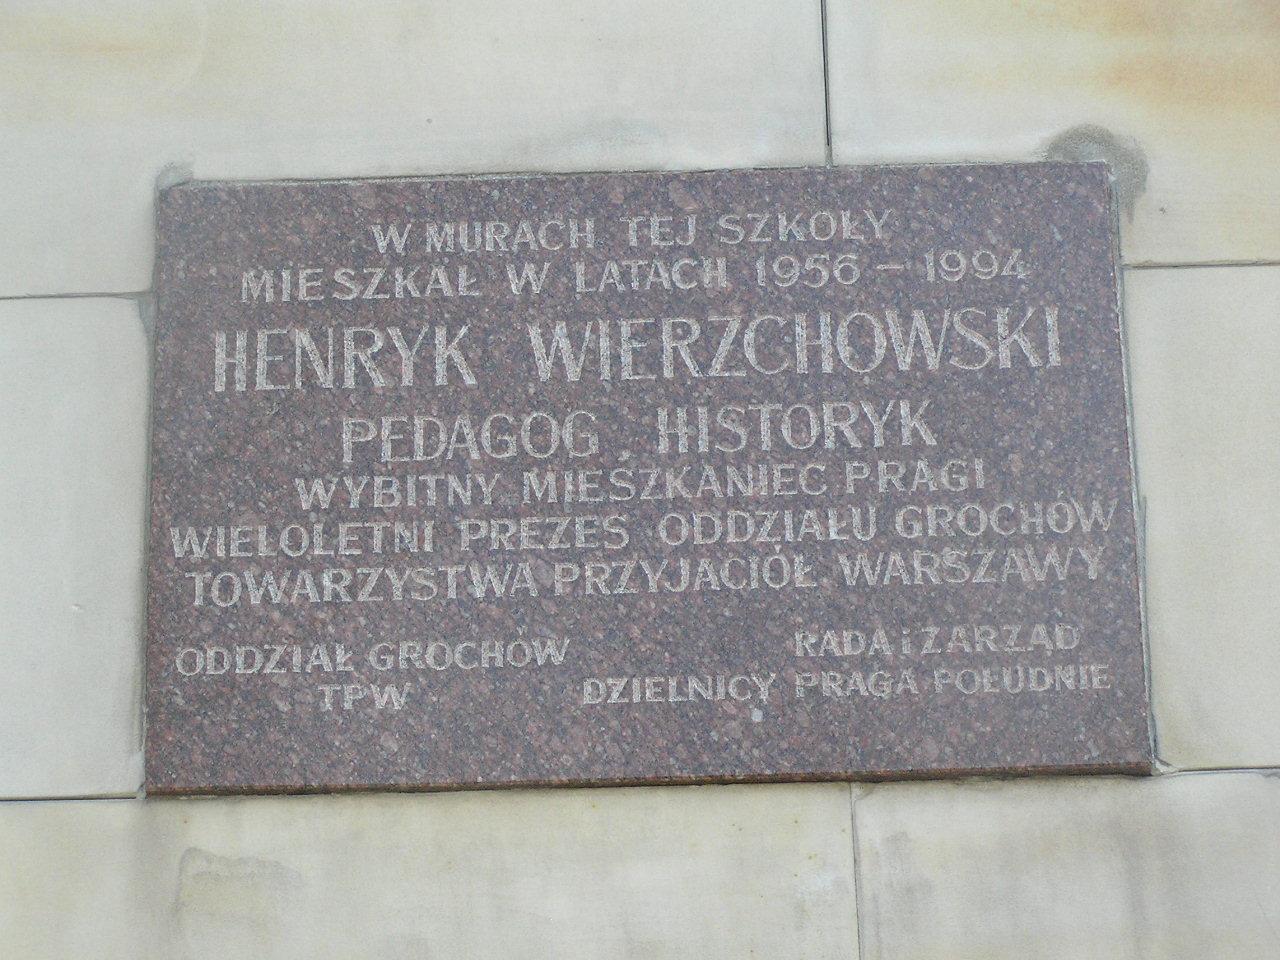 Tablica pamięci Henryka Wierzchowskiego